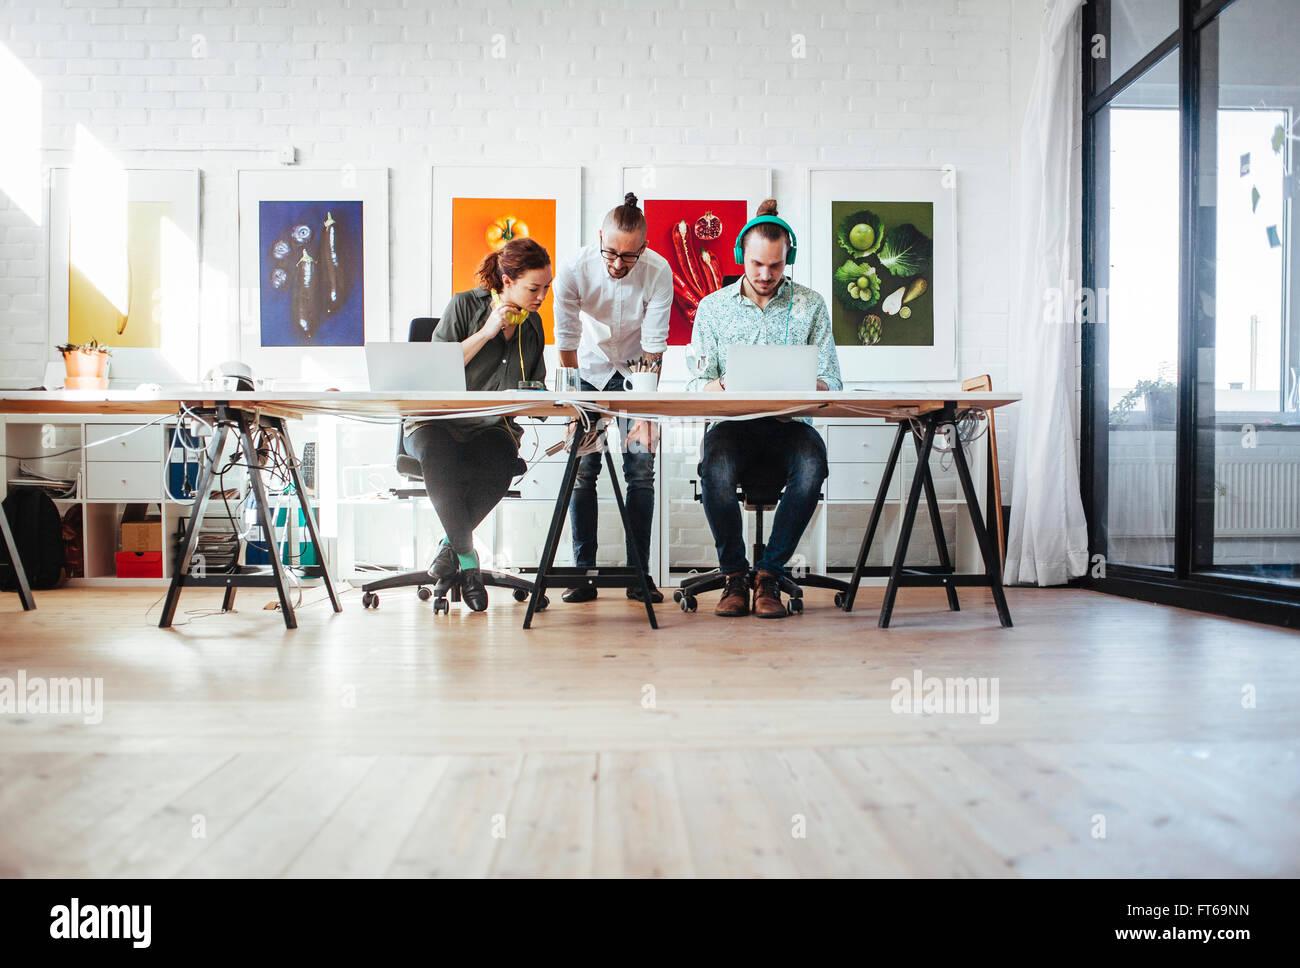 Gente de negocios creativos trabajan juntos en la oficina Imagen De Stock